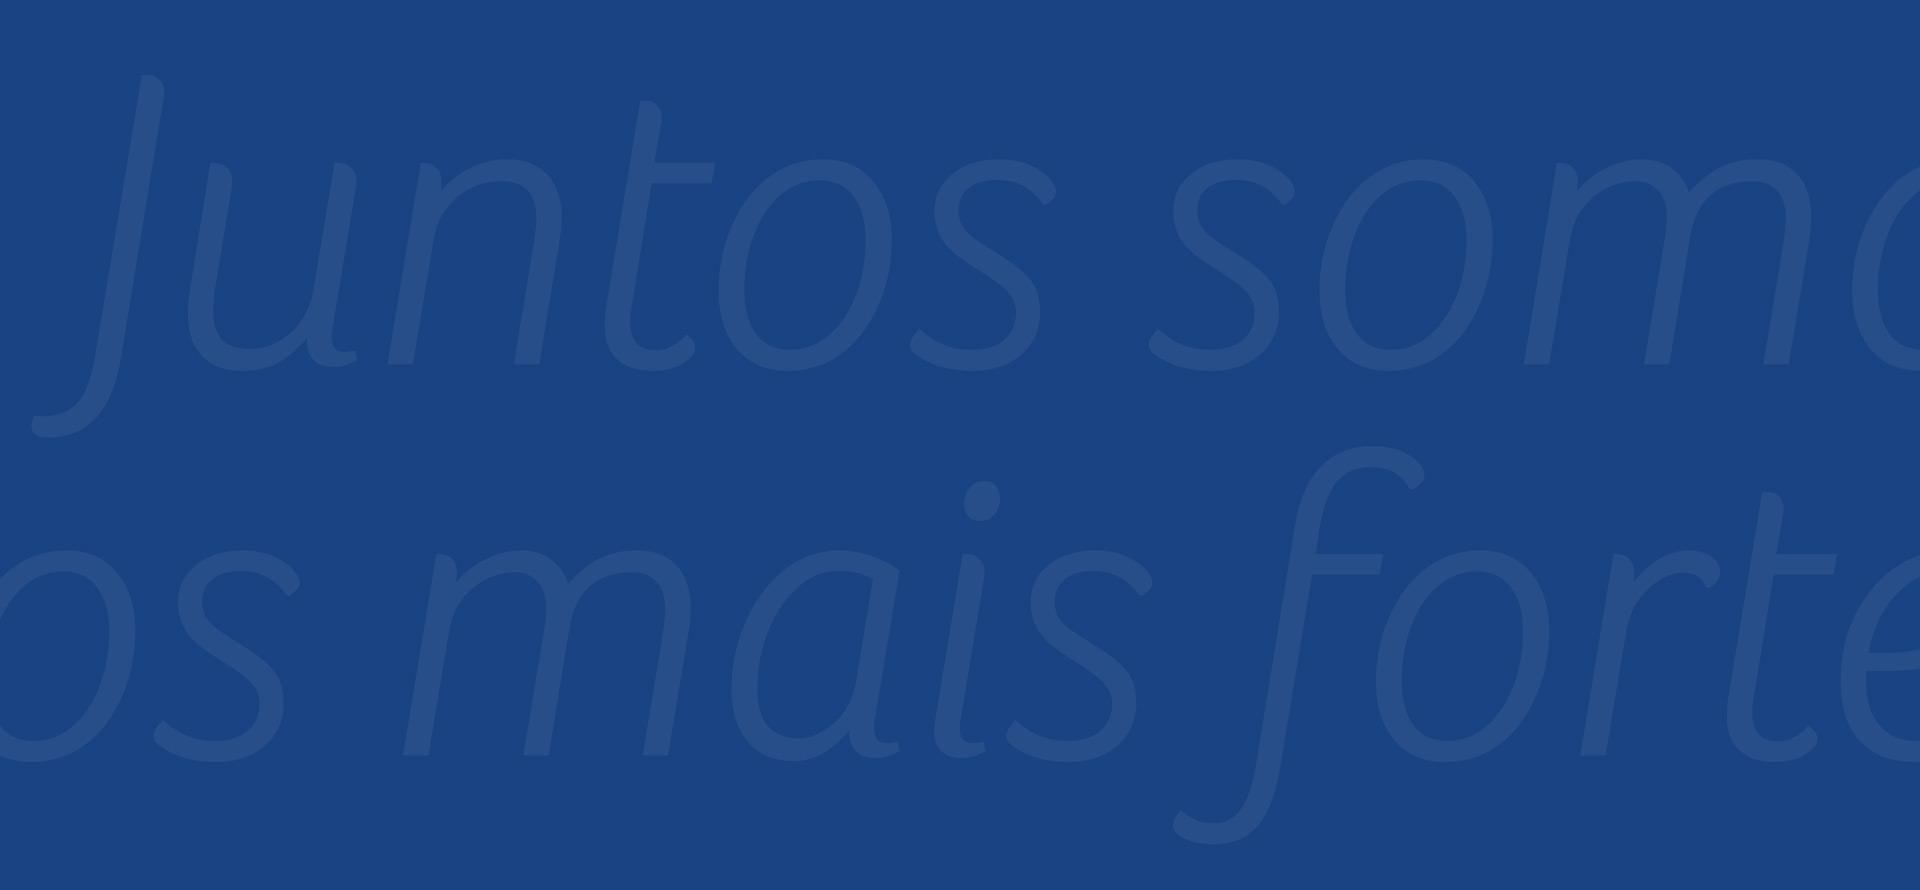 noticia-01_rev01.jpg